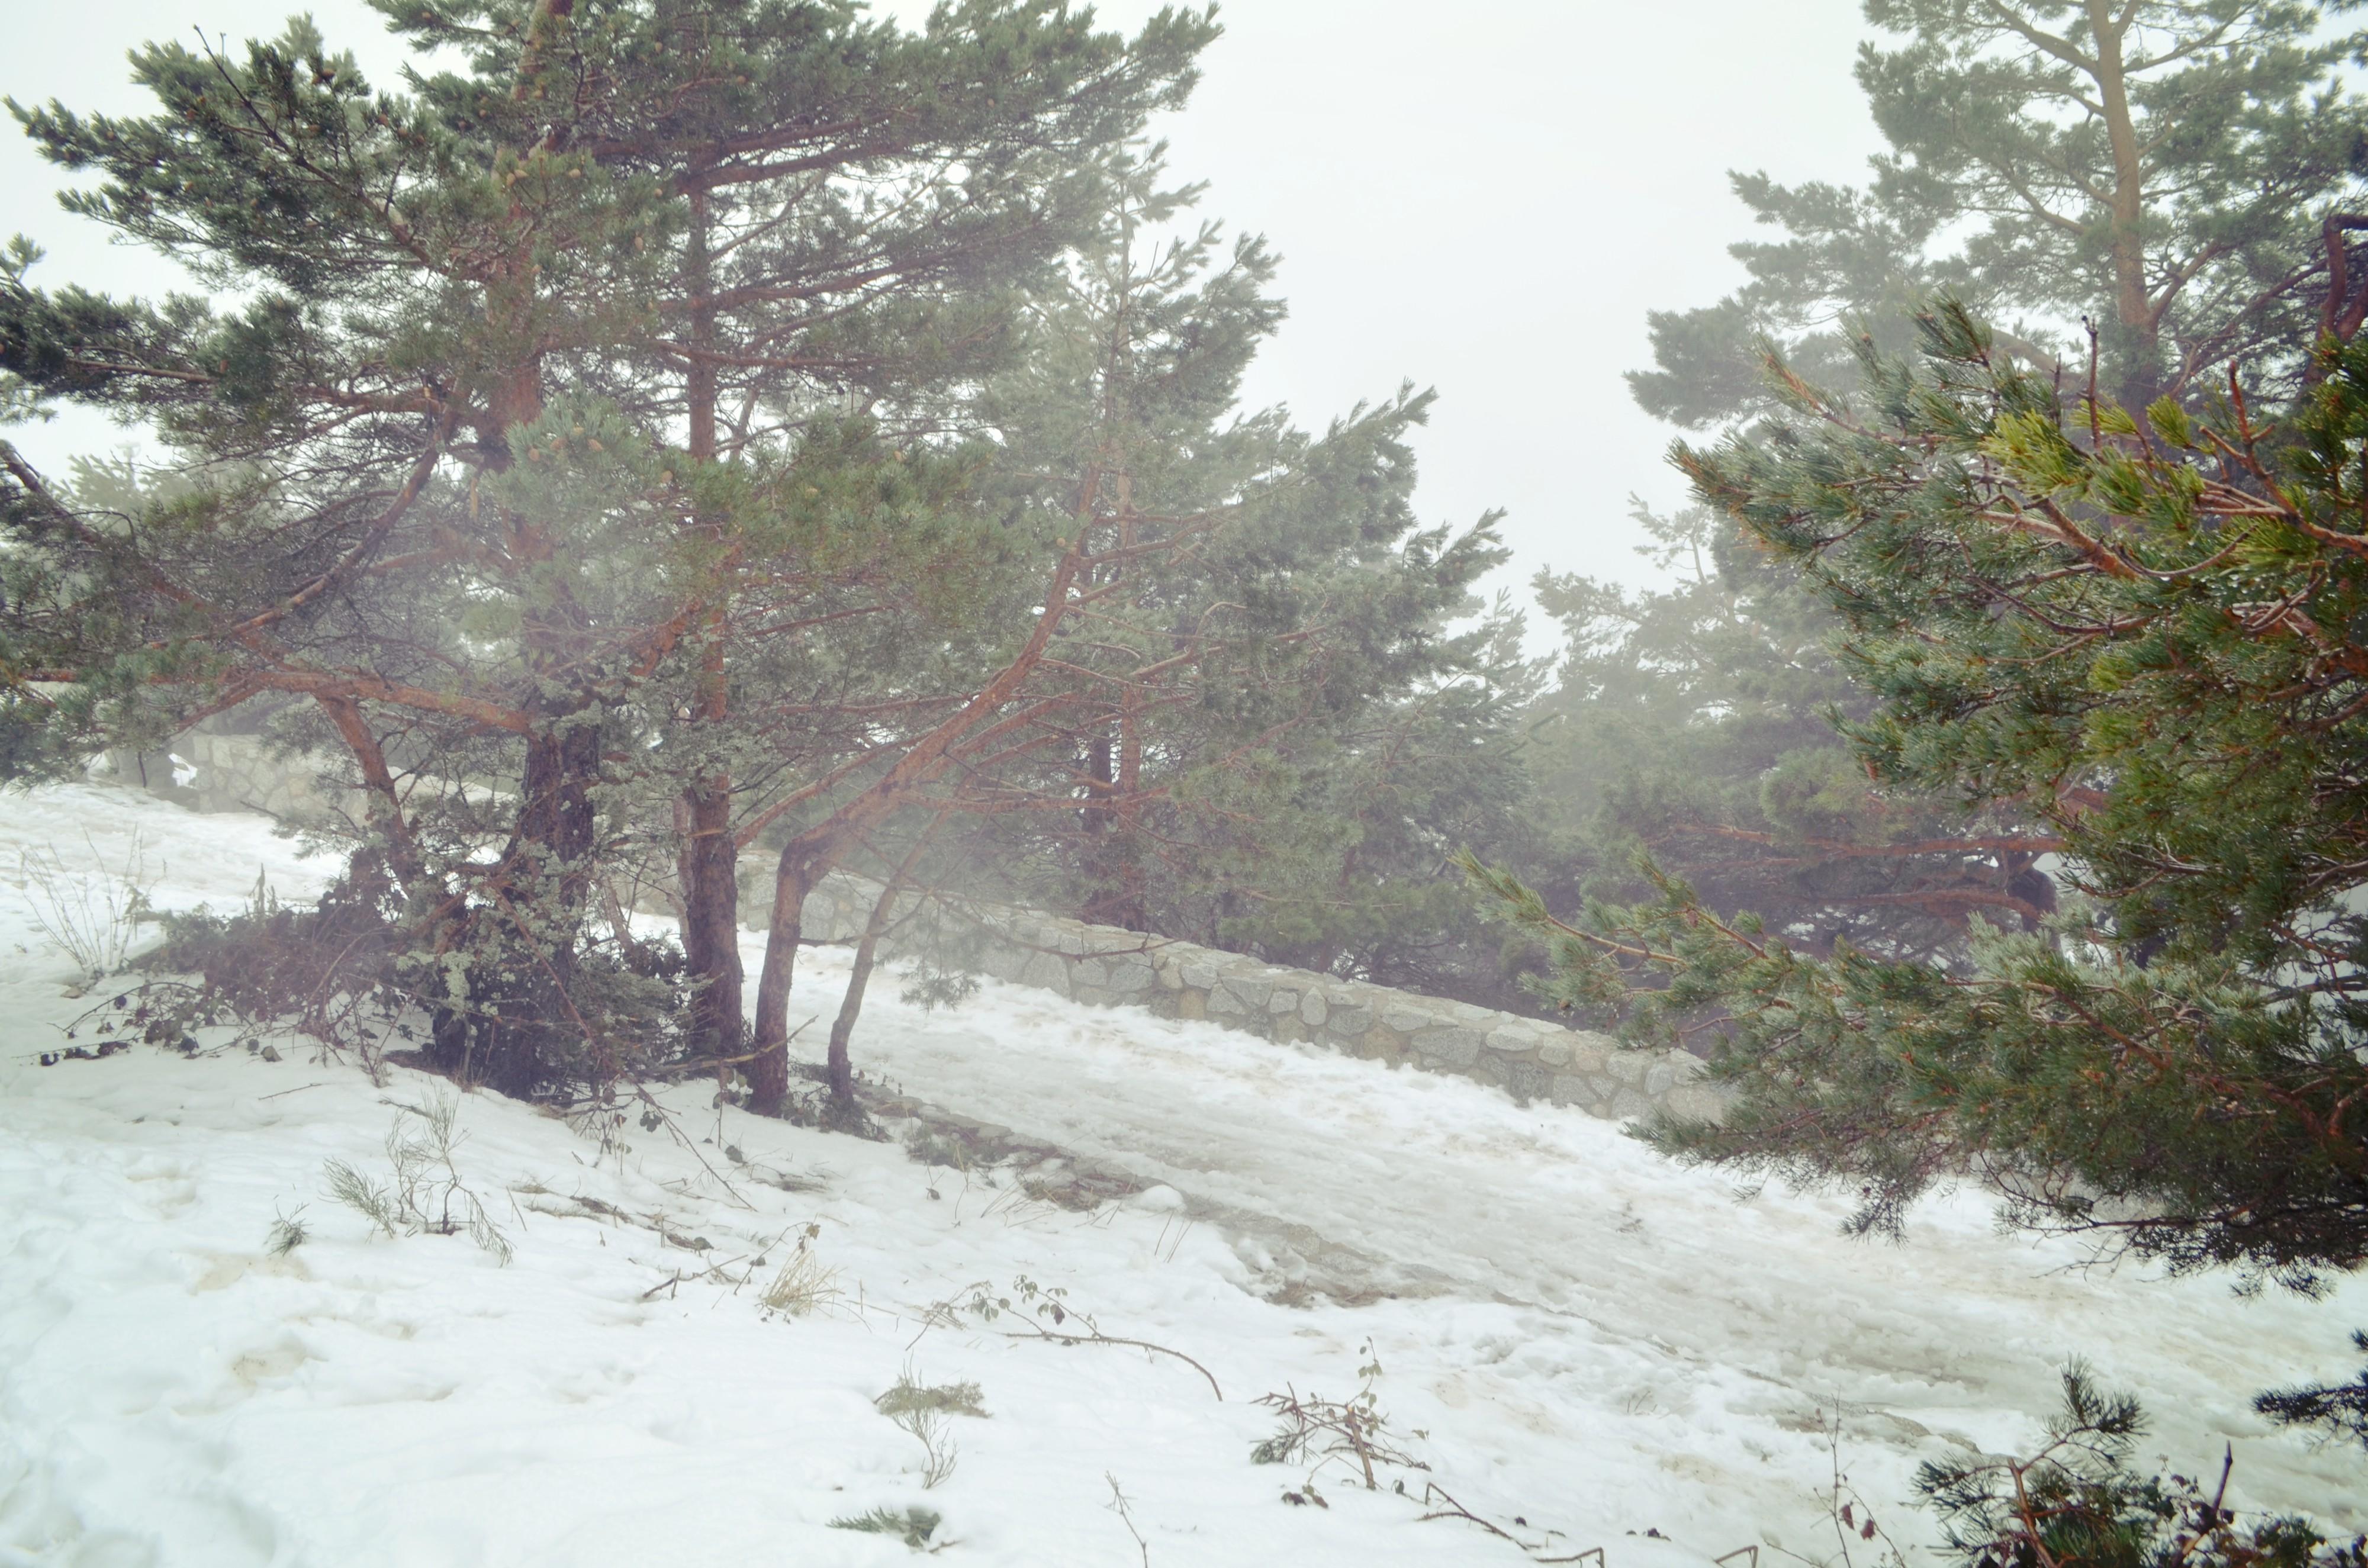 Blog-de-moda-Nieve-en-Madrid-estacion-de esqui-navacerrada-Chic-adicta-fashionista-Chic-Adicta-snow-travel-PiensaenChic-Piensa-en-Chic